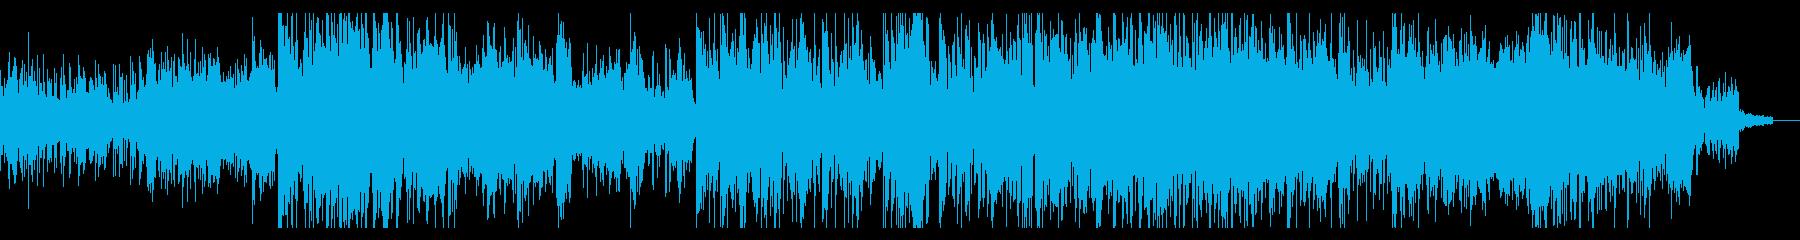 アトモスフィリックなアンビエントIDMの再生済みの波形